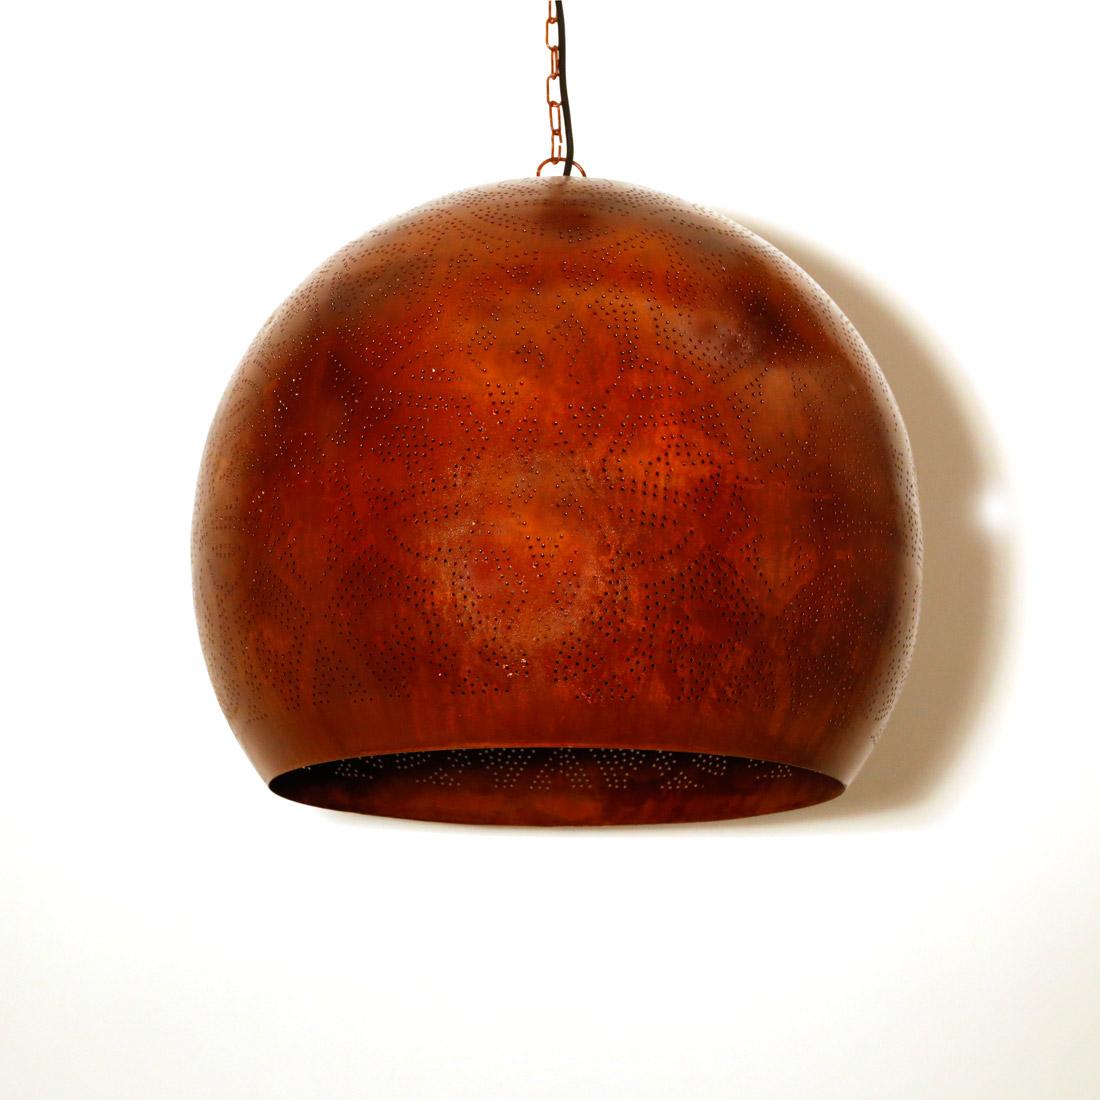 Hanglamp rusty, oosterse bol xxl van antiek vintage zuiver roest look